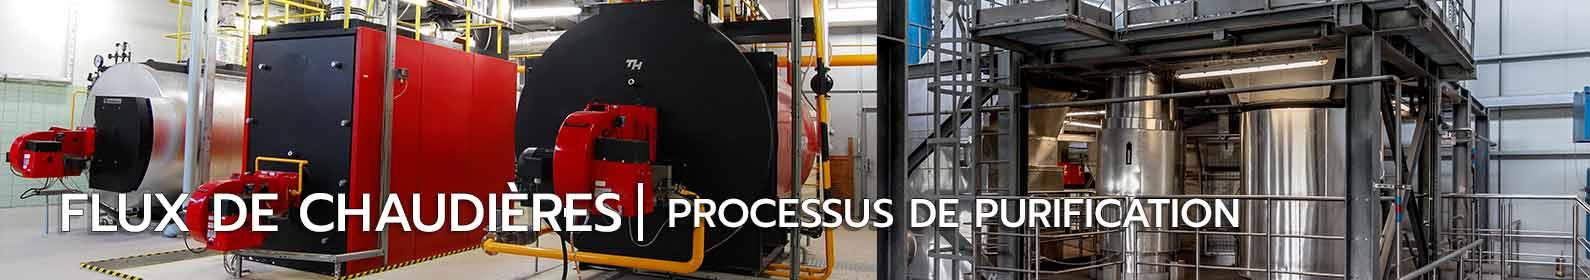 flux-de-chaudieres-et-processus-de-purification.jpg